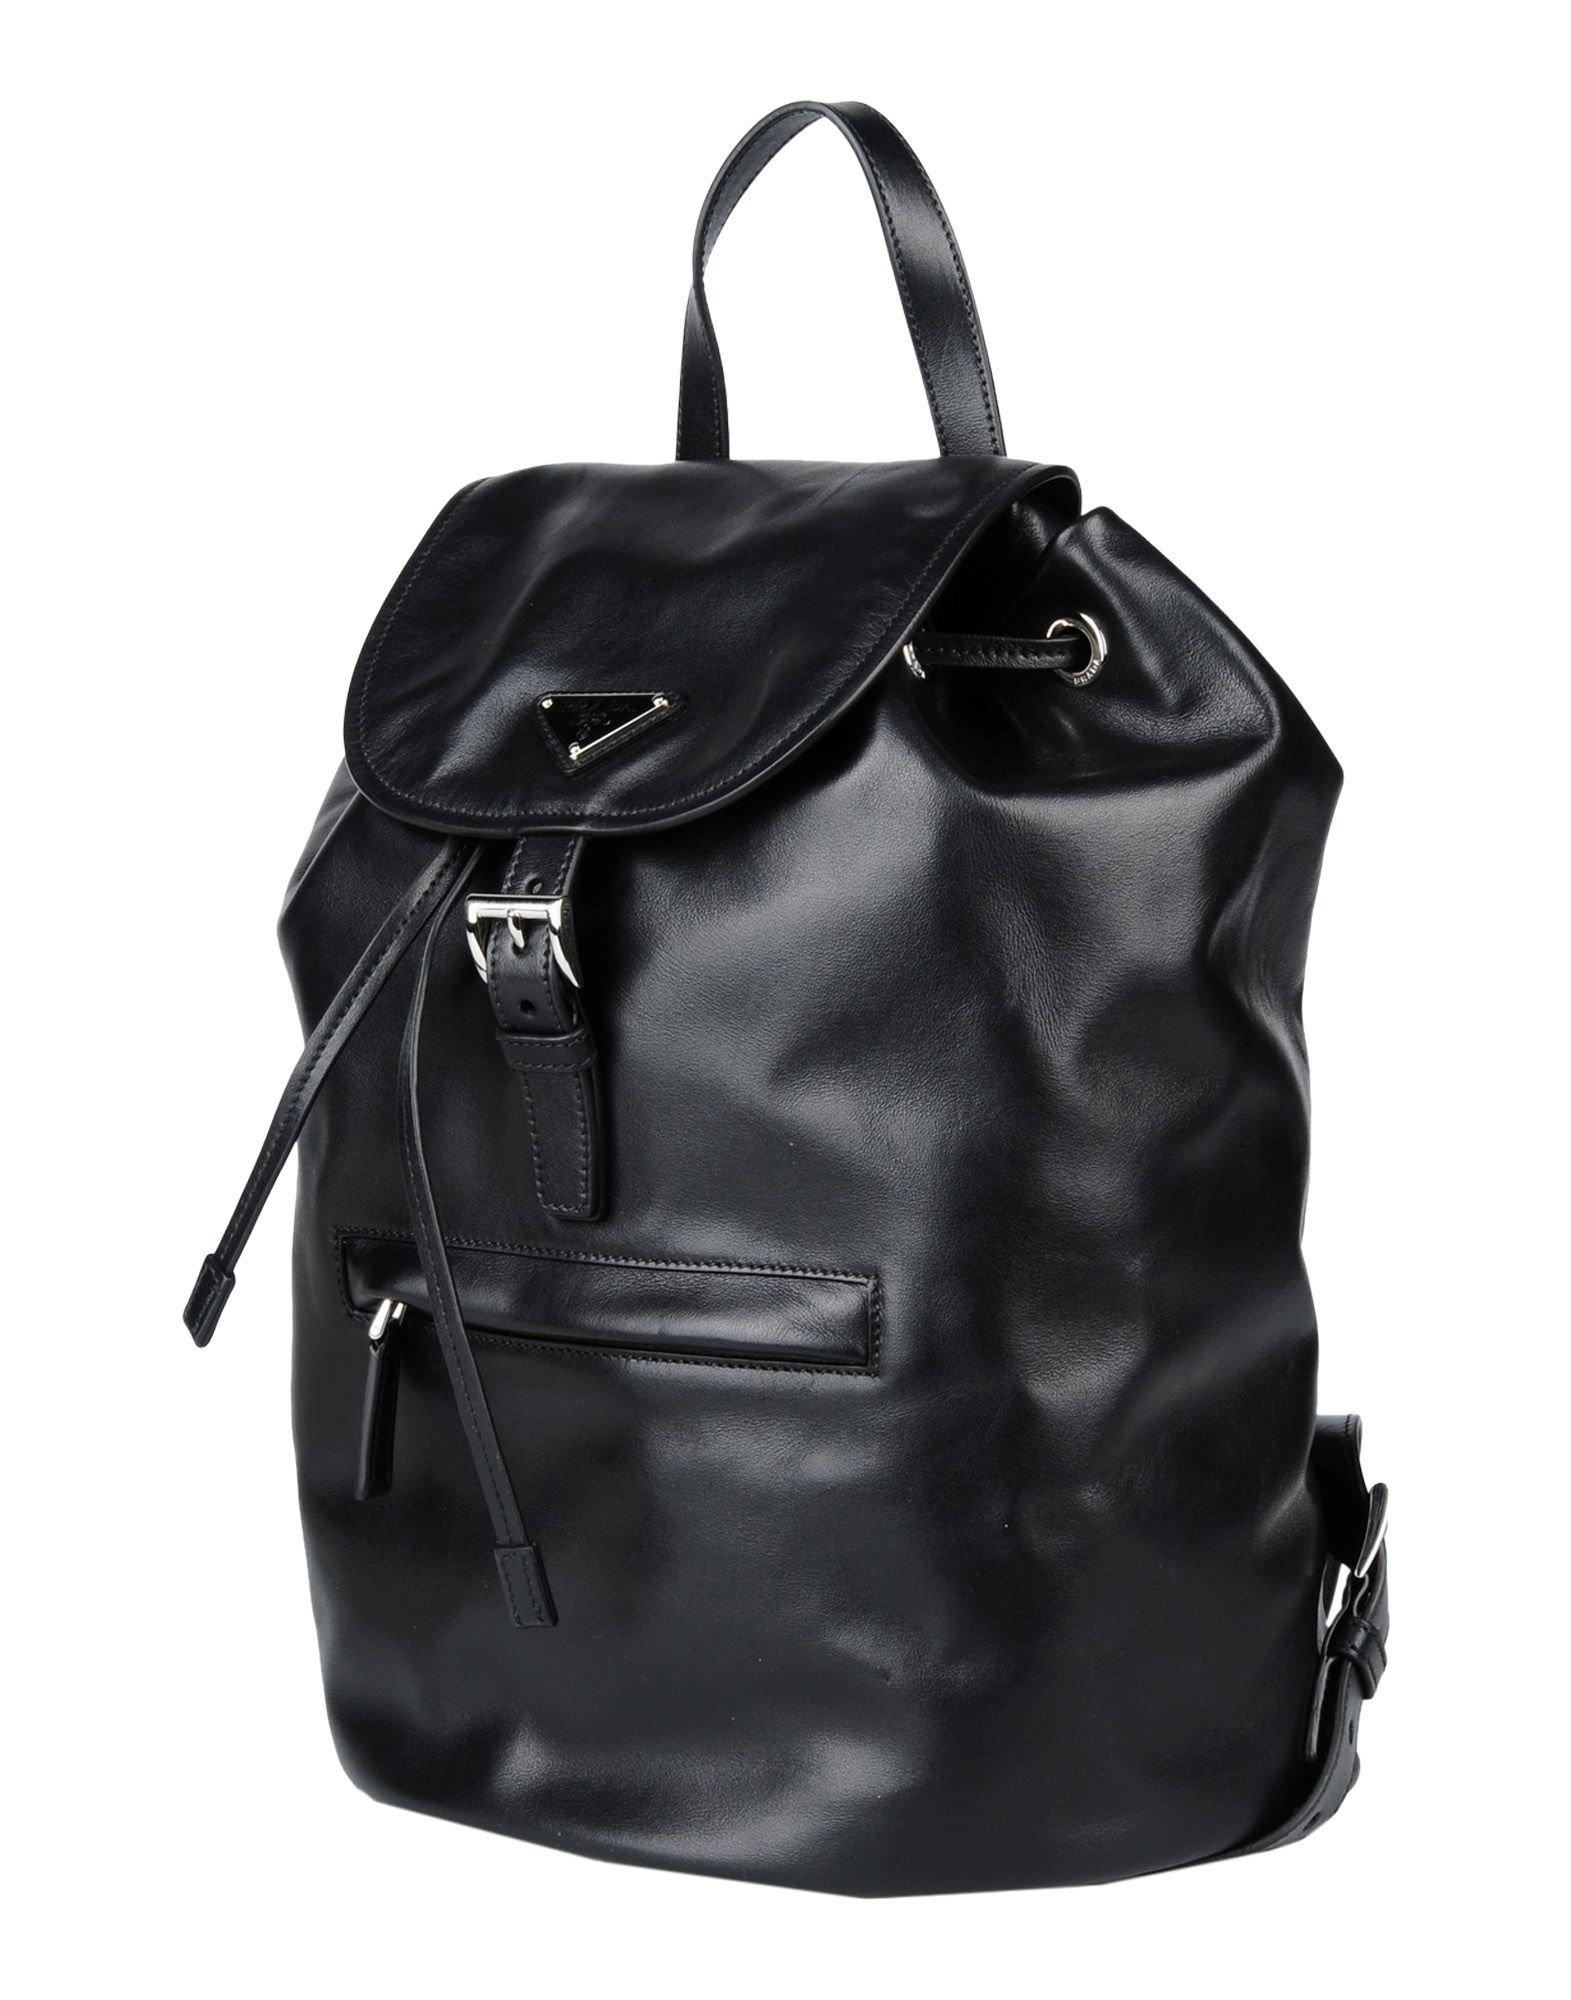 Prada Rucksacks \u0026amp; Bumbags in Black | Lyst